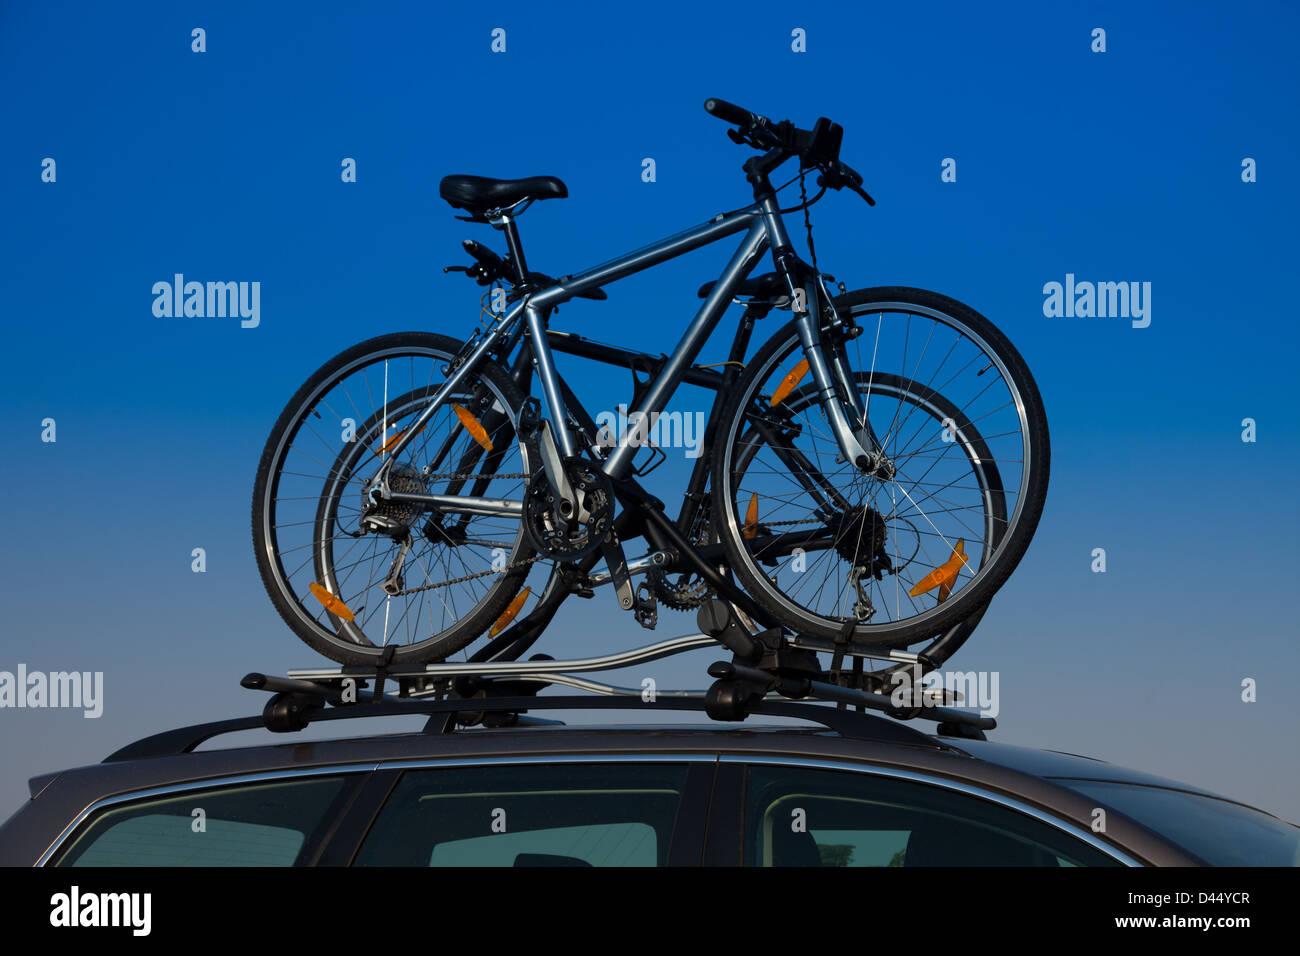 car roof bike stockfotos car roof bike bilder alamy. Black Bedroom Furniture Sets. Home Design Ideas